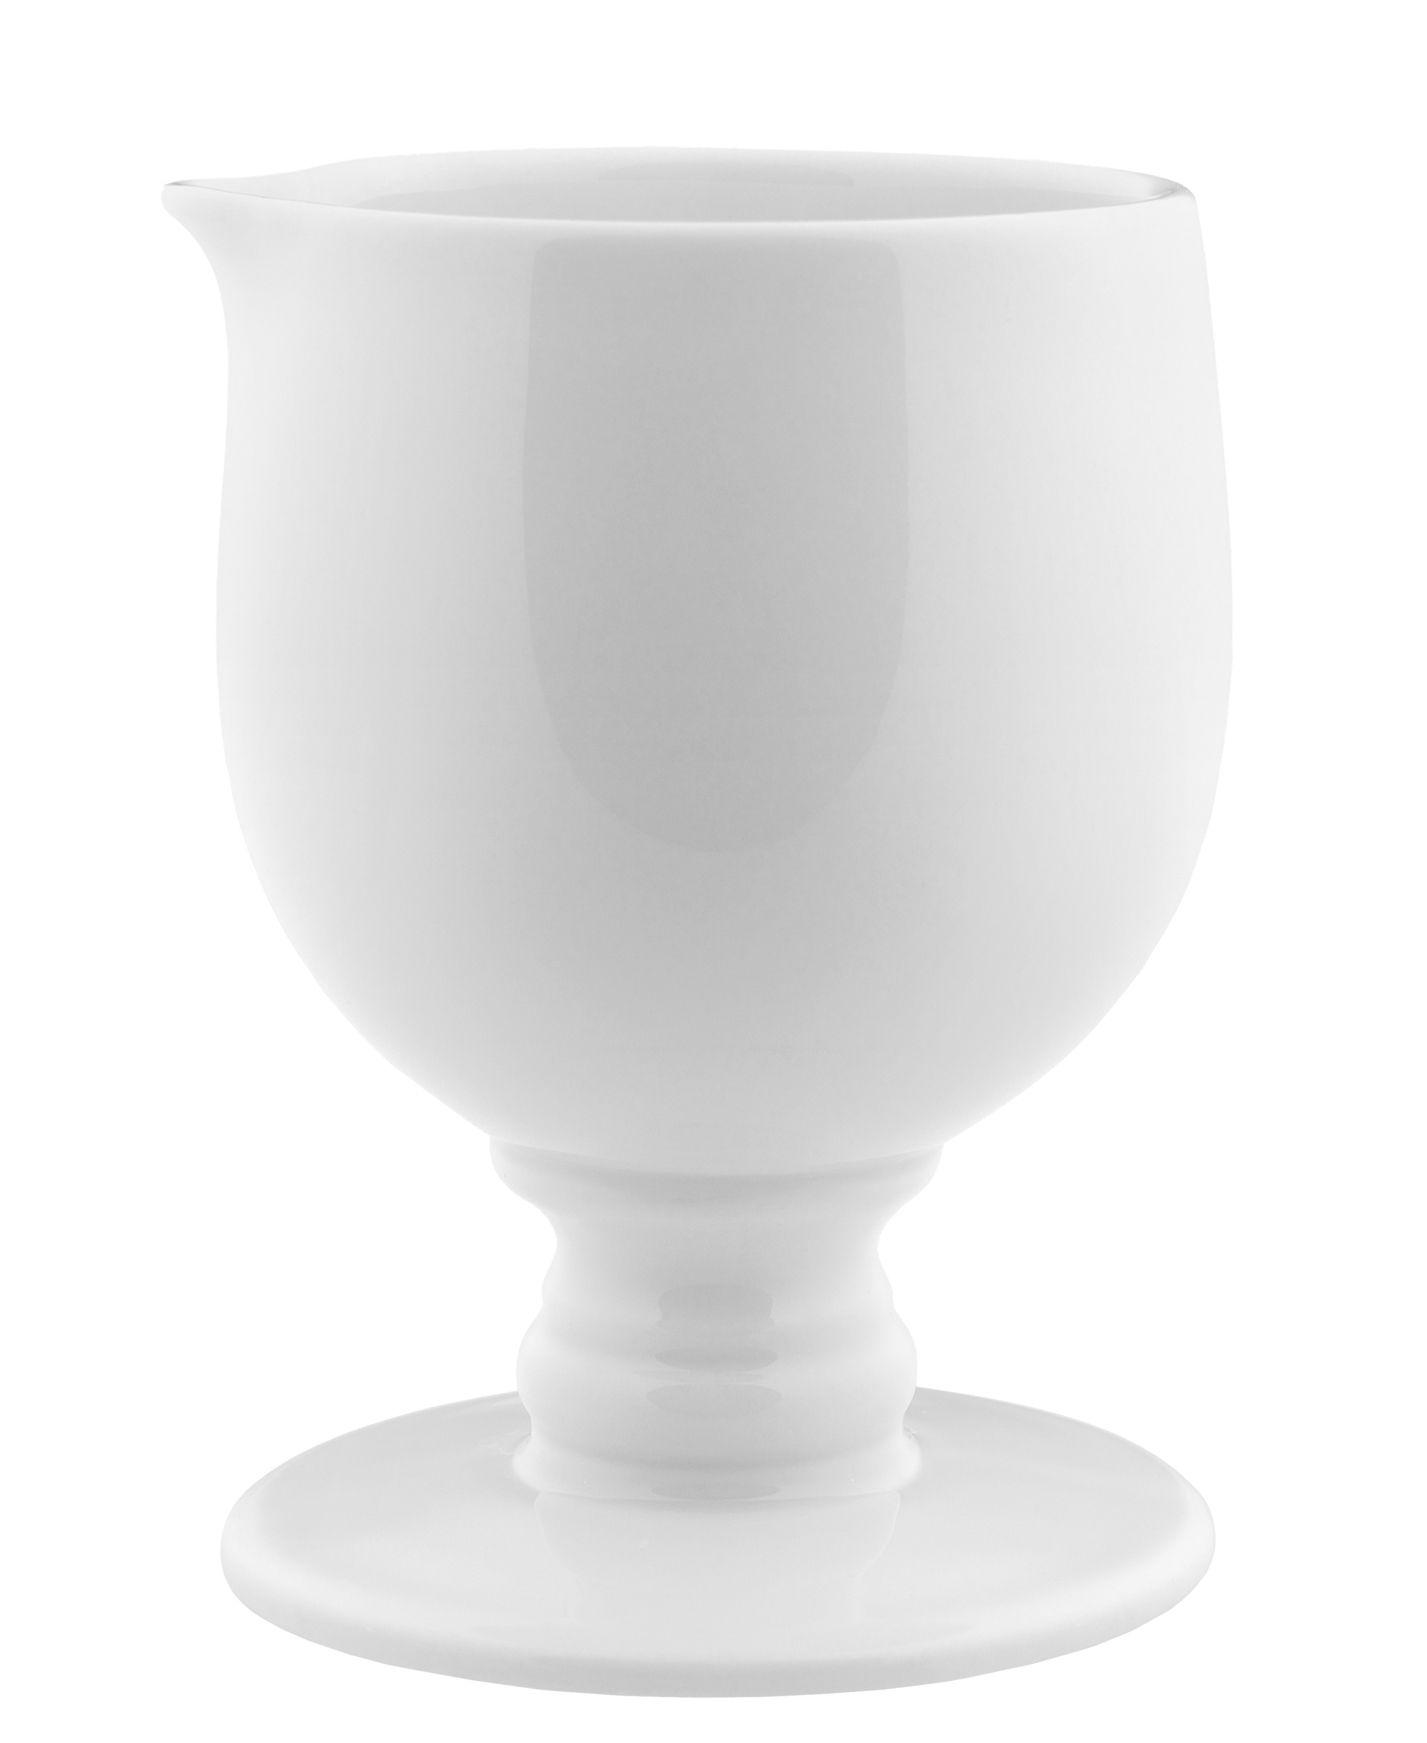 Küche - Zuckerdosen und Milchkännchen - Dressed Milchkännchen - Alessi - Weiß - Porzellan